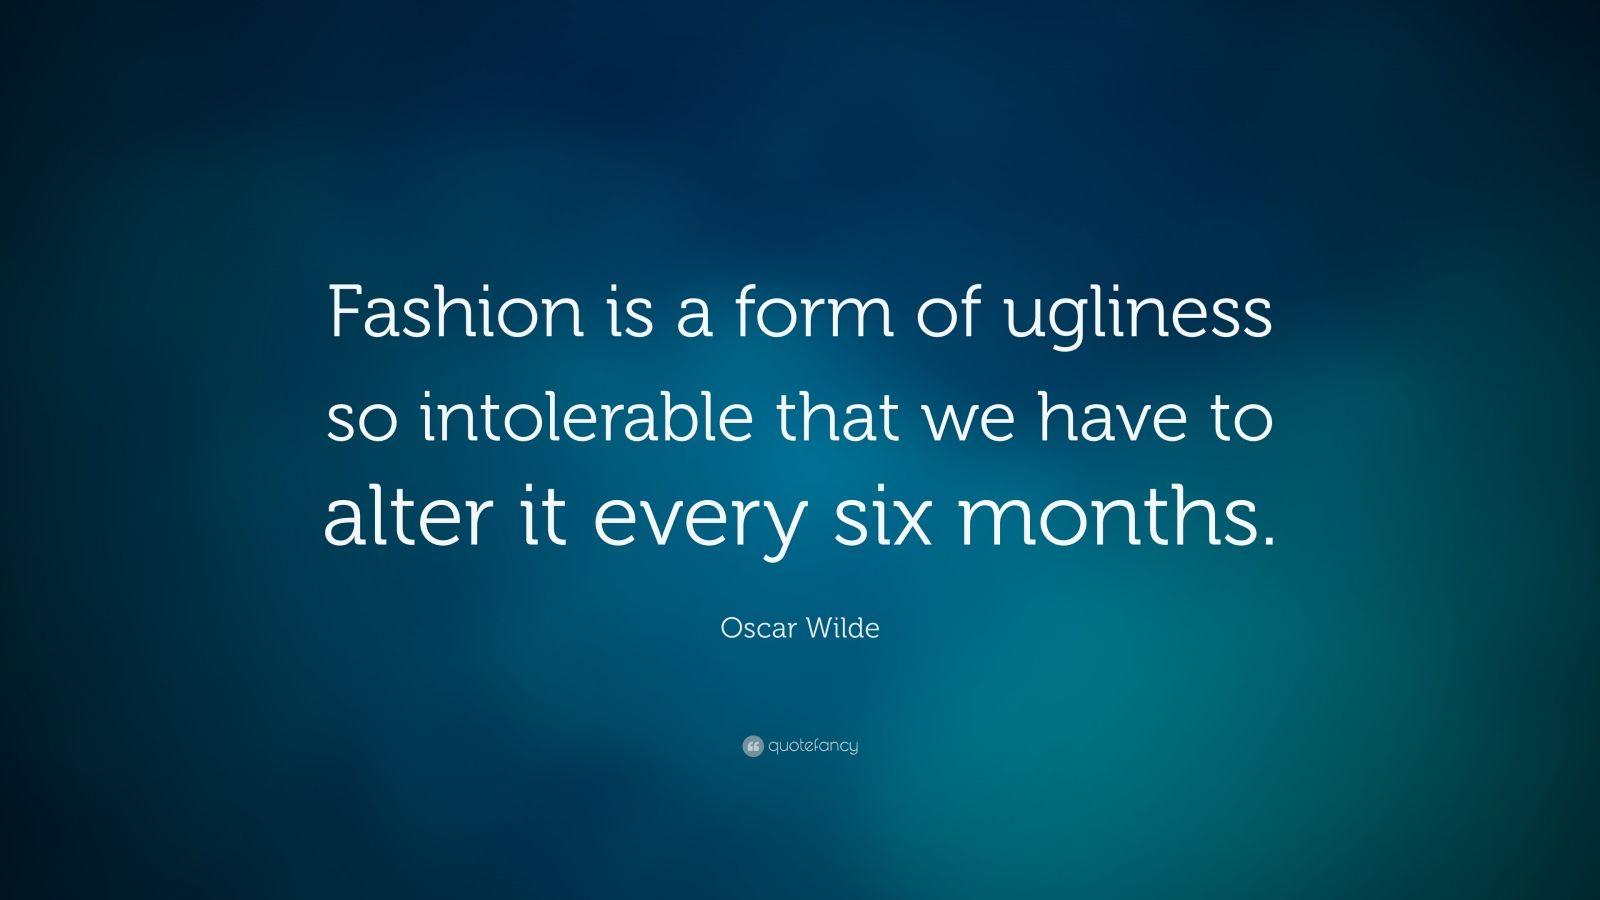 Oscar wilde about fashion